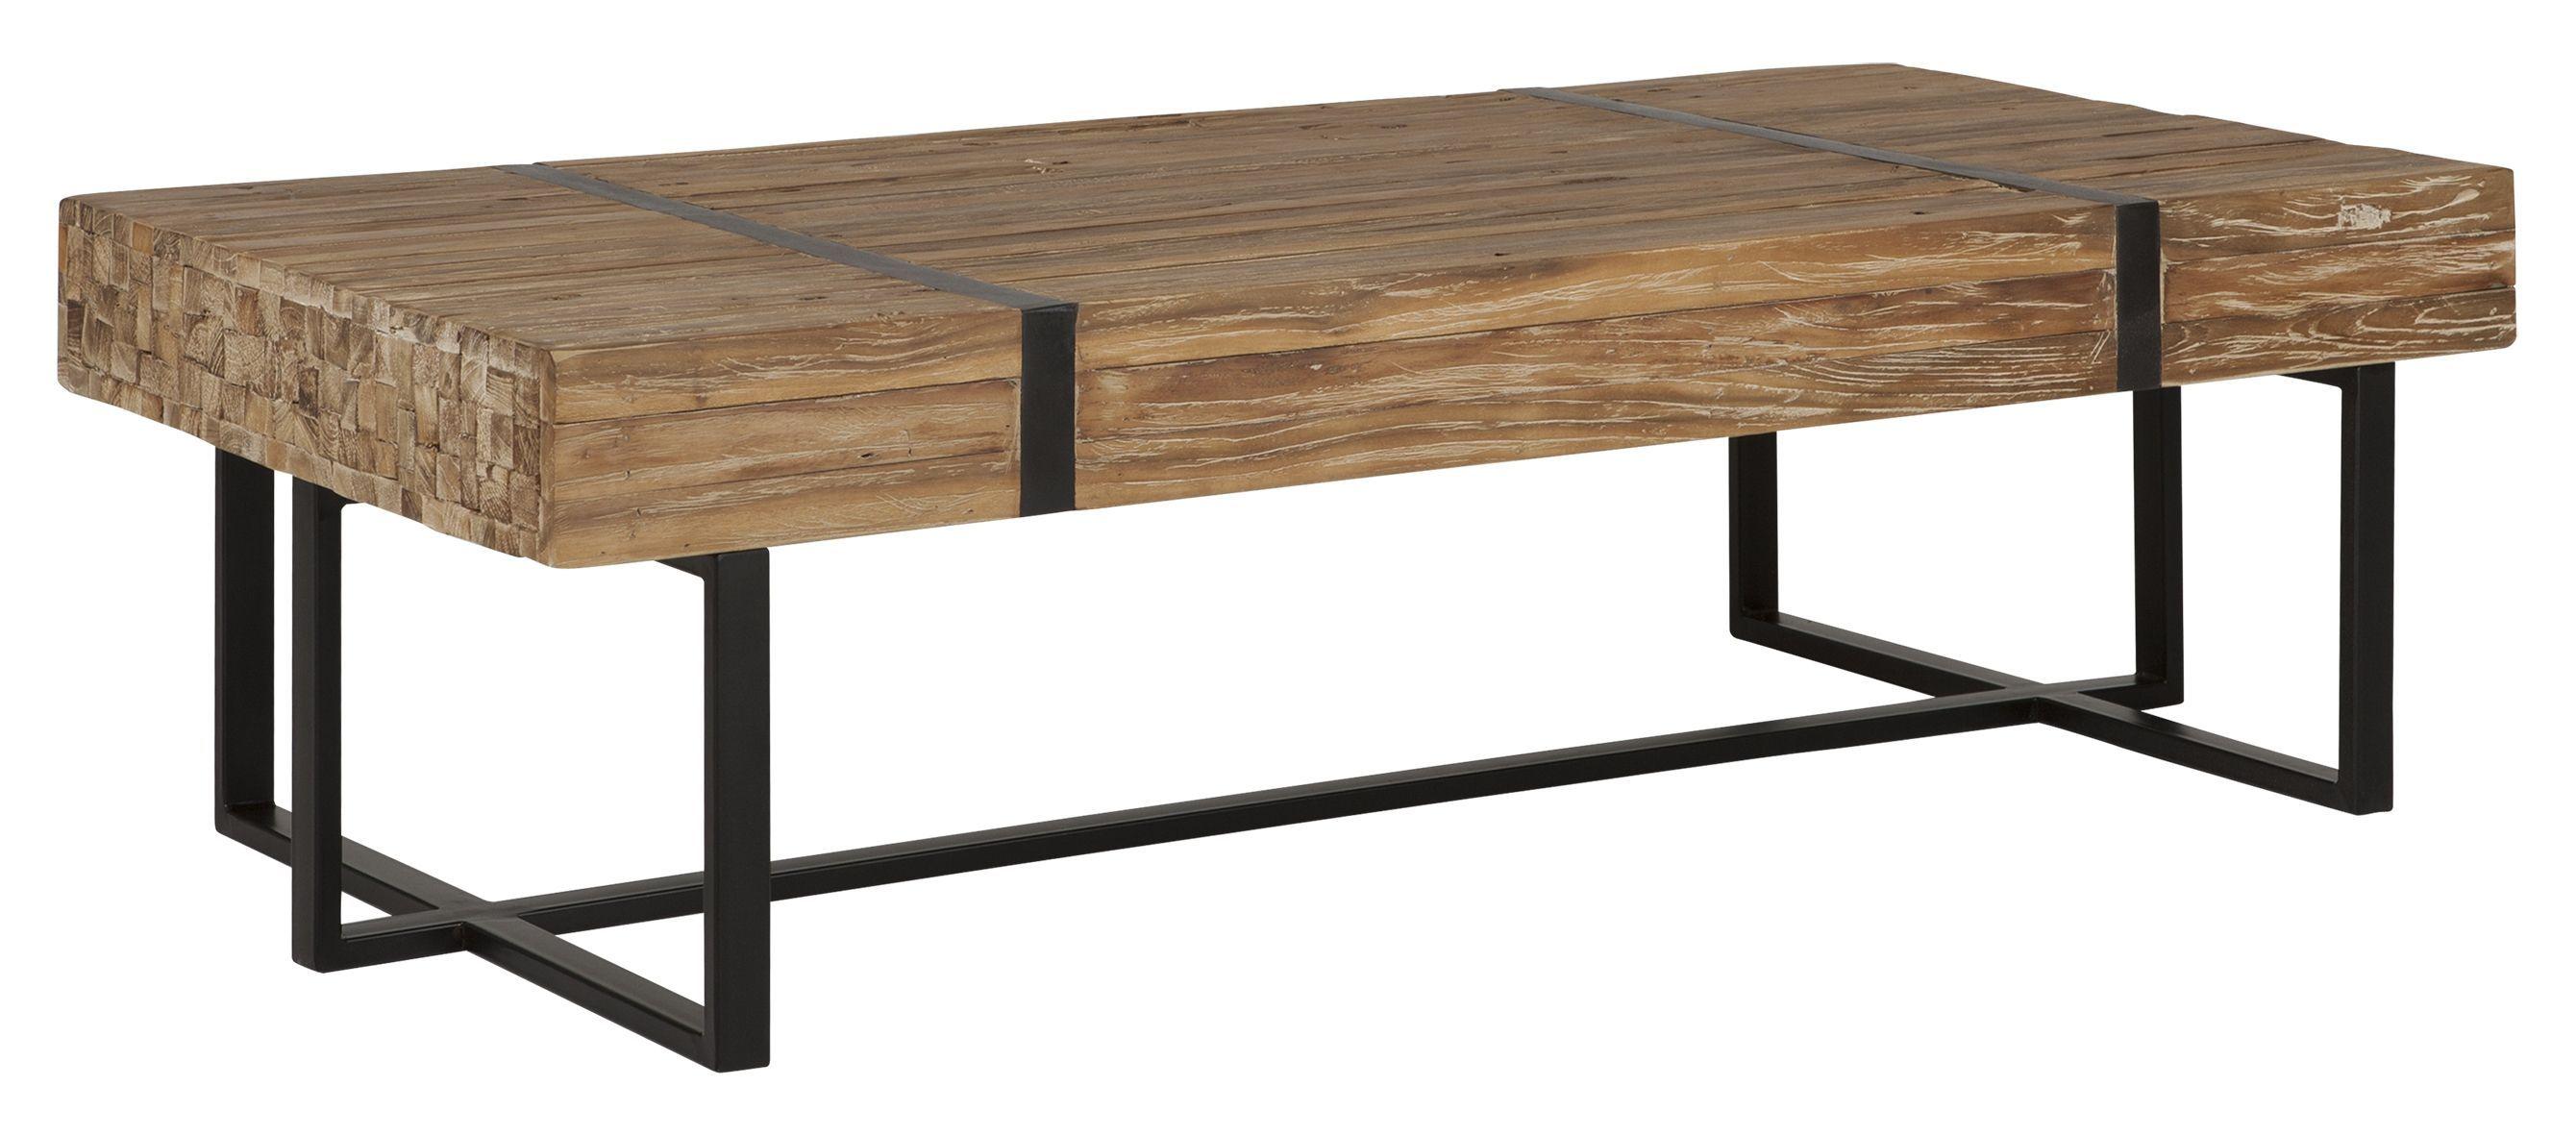 Konferenční stolek Bumper 120 x 60 cm